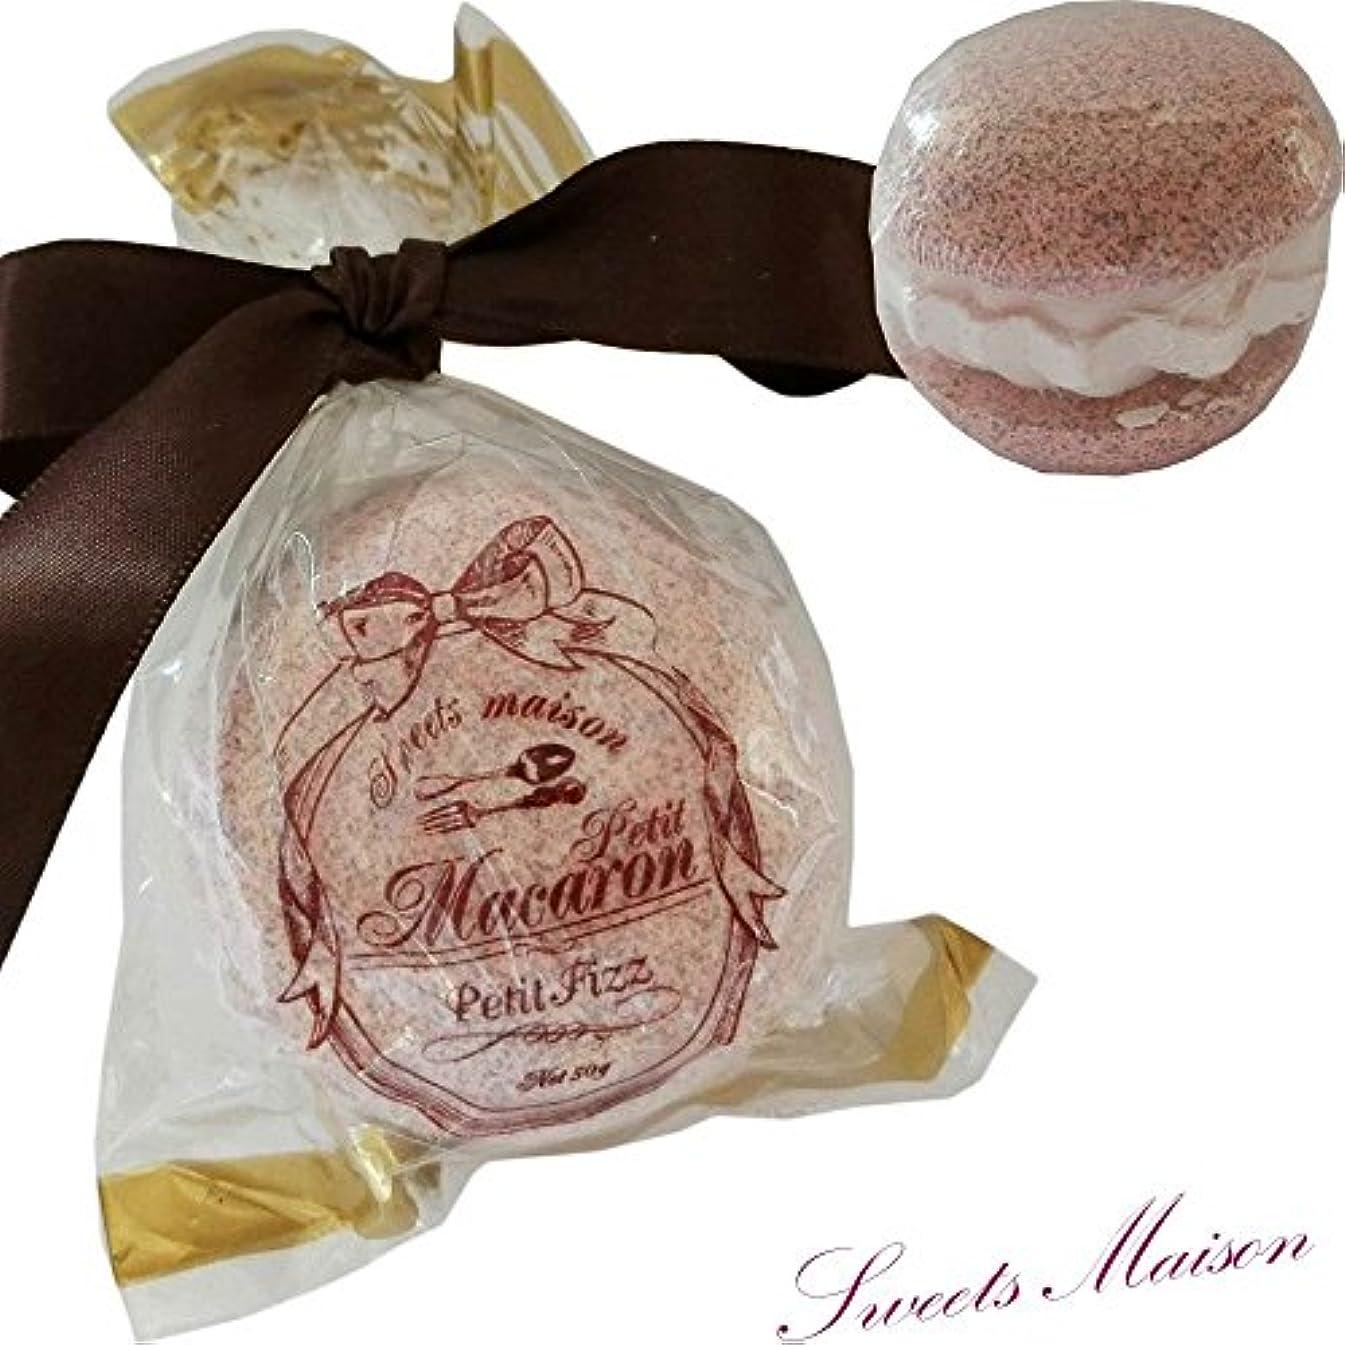 ブル感じ識別【Sweets Maison】プチマカロンフィズ ビターなマンダリン&チョコレートの香り 1個